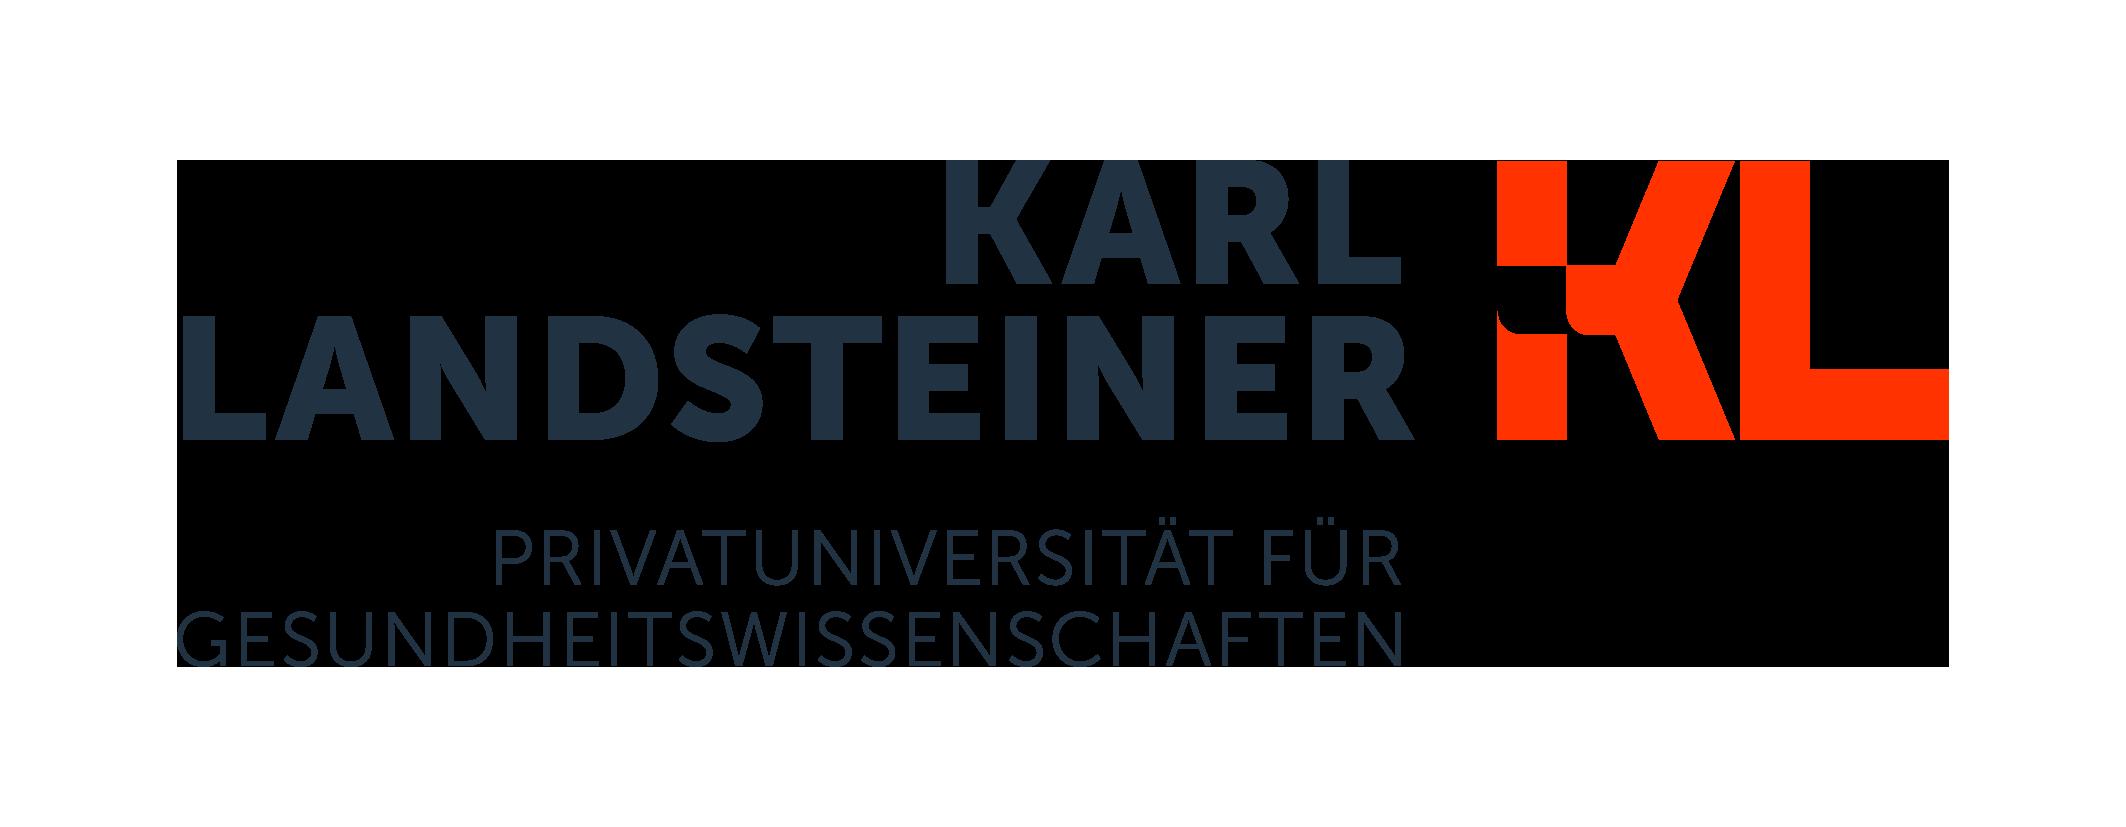 Karl Landsteiner Privatuniversität für Gesundheitswissenschaften GmbH